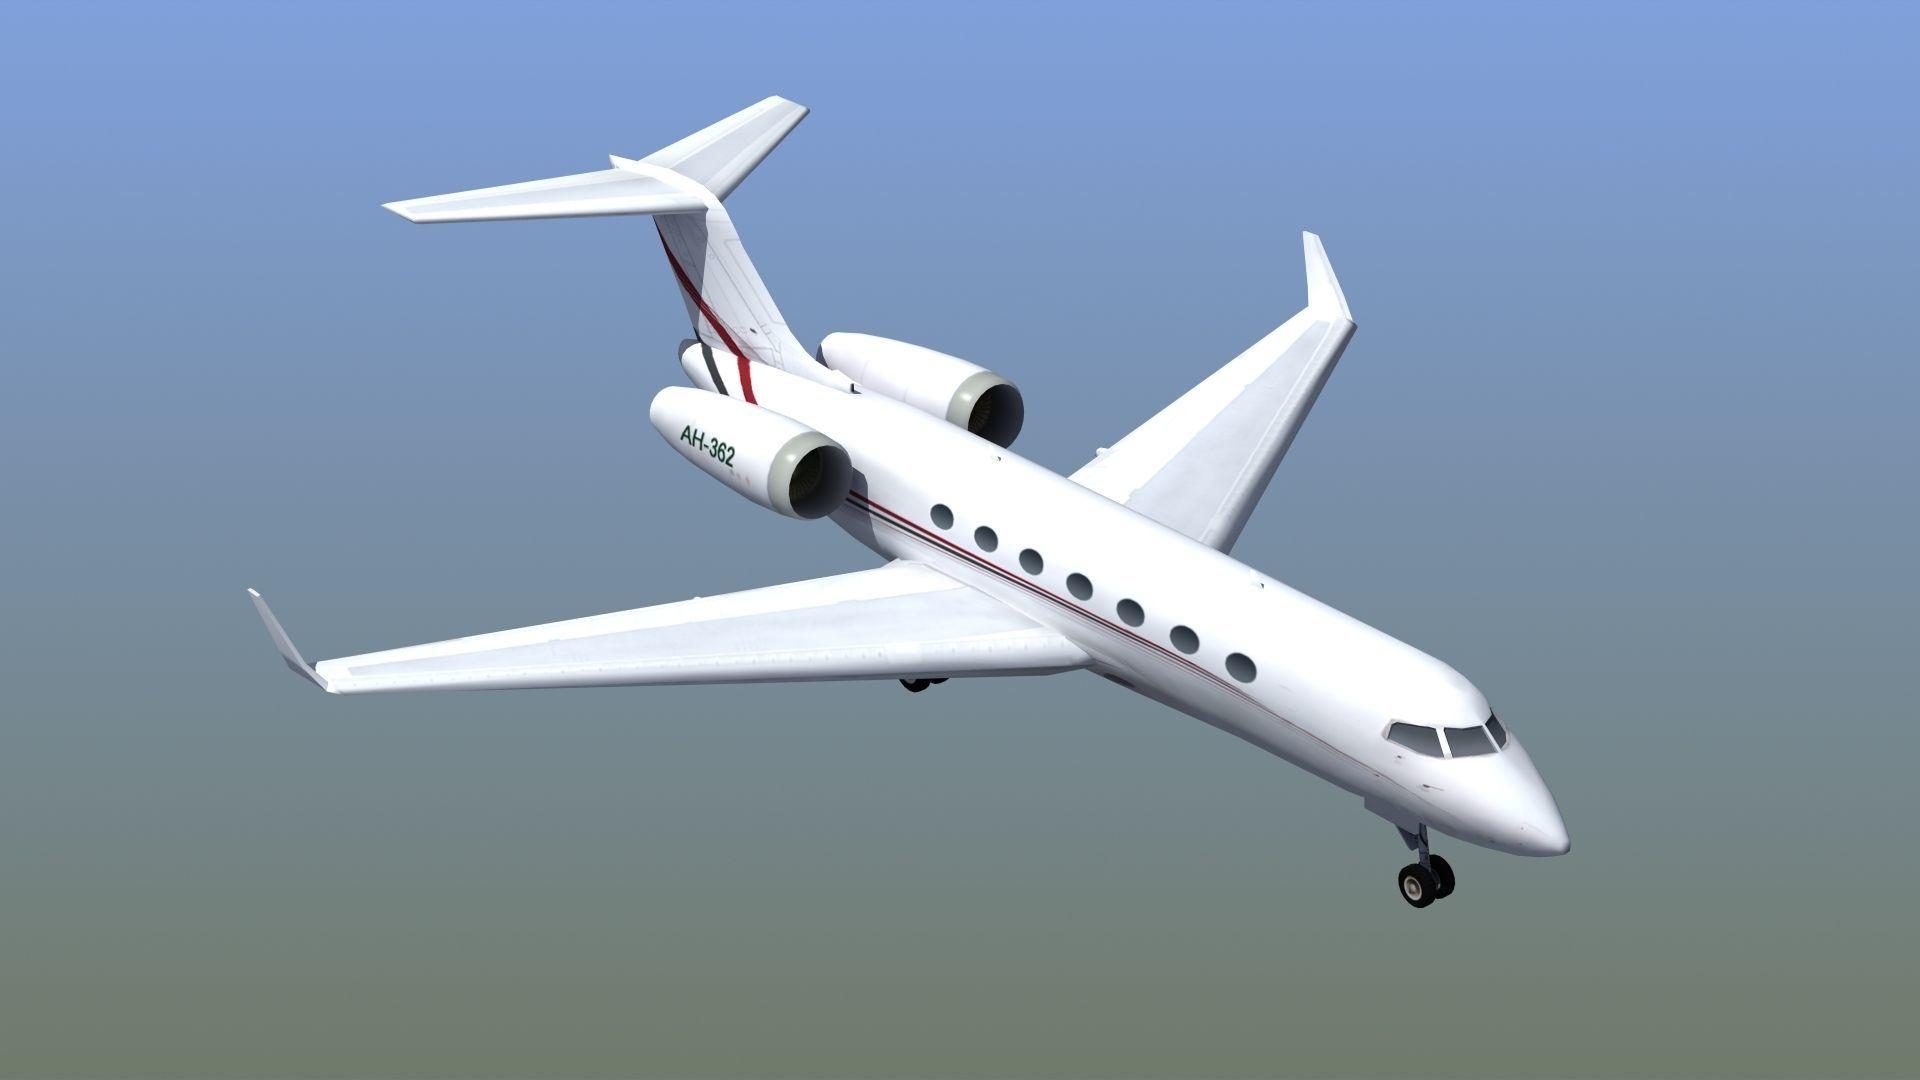 G550 Executive Jet